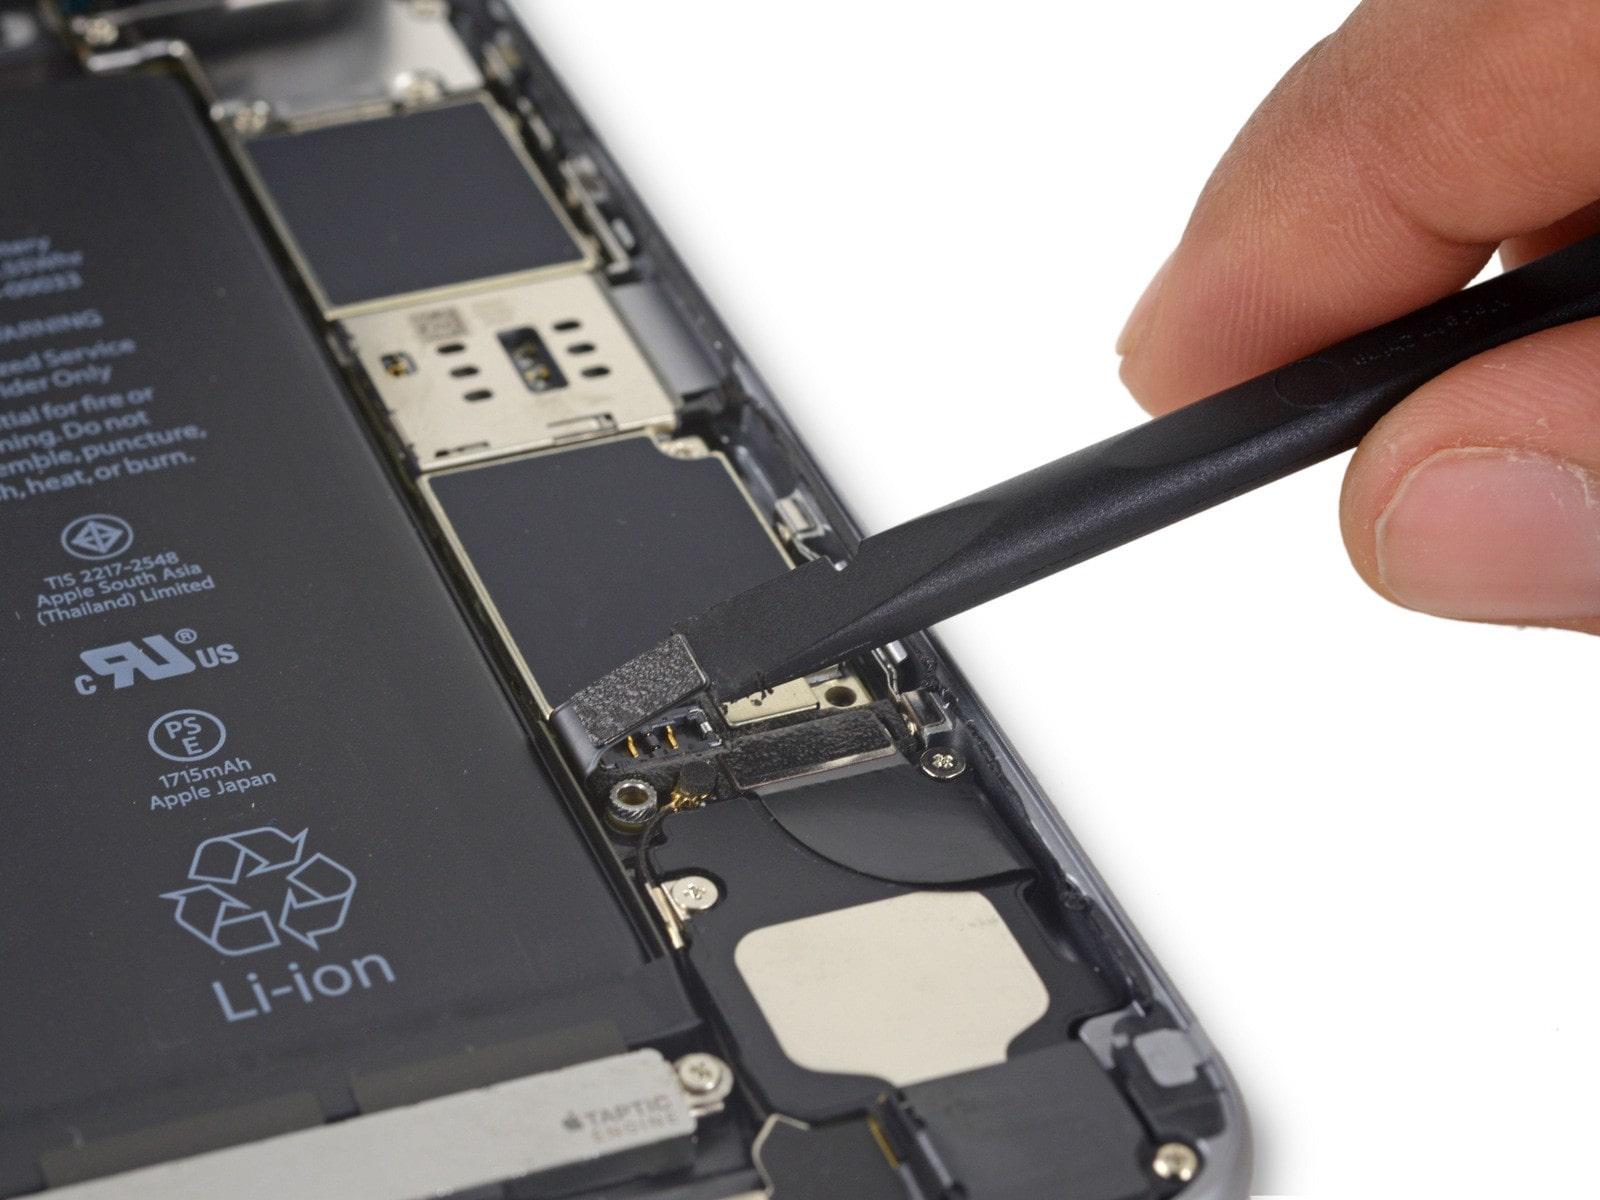 بازیابی یا ریکاوری اطلاعات هارد گوشی آیفون | گارانتی اپل